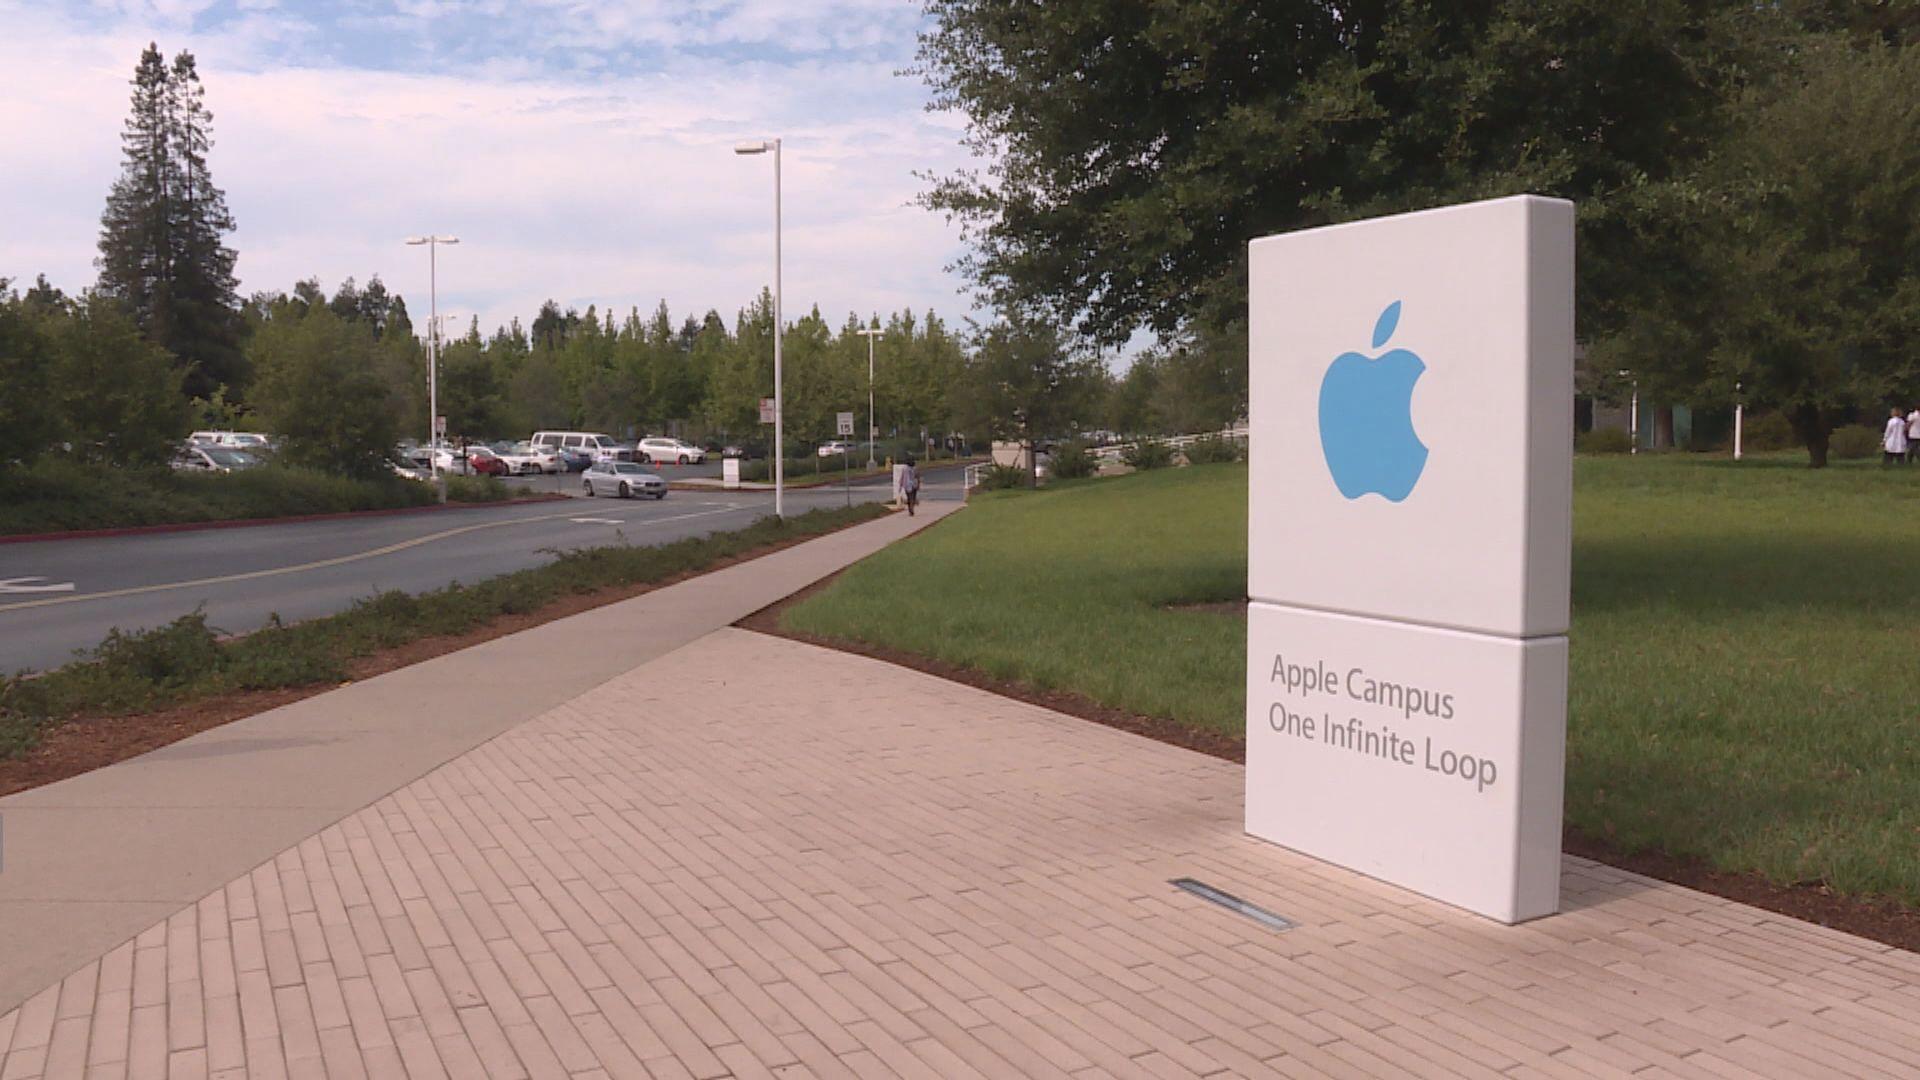 蘋果今年第二次發債 發行總值55億美元債券